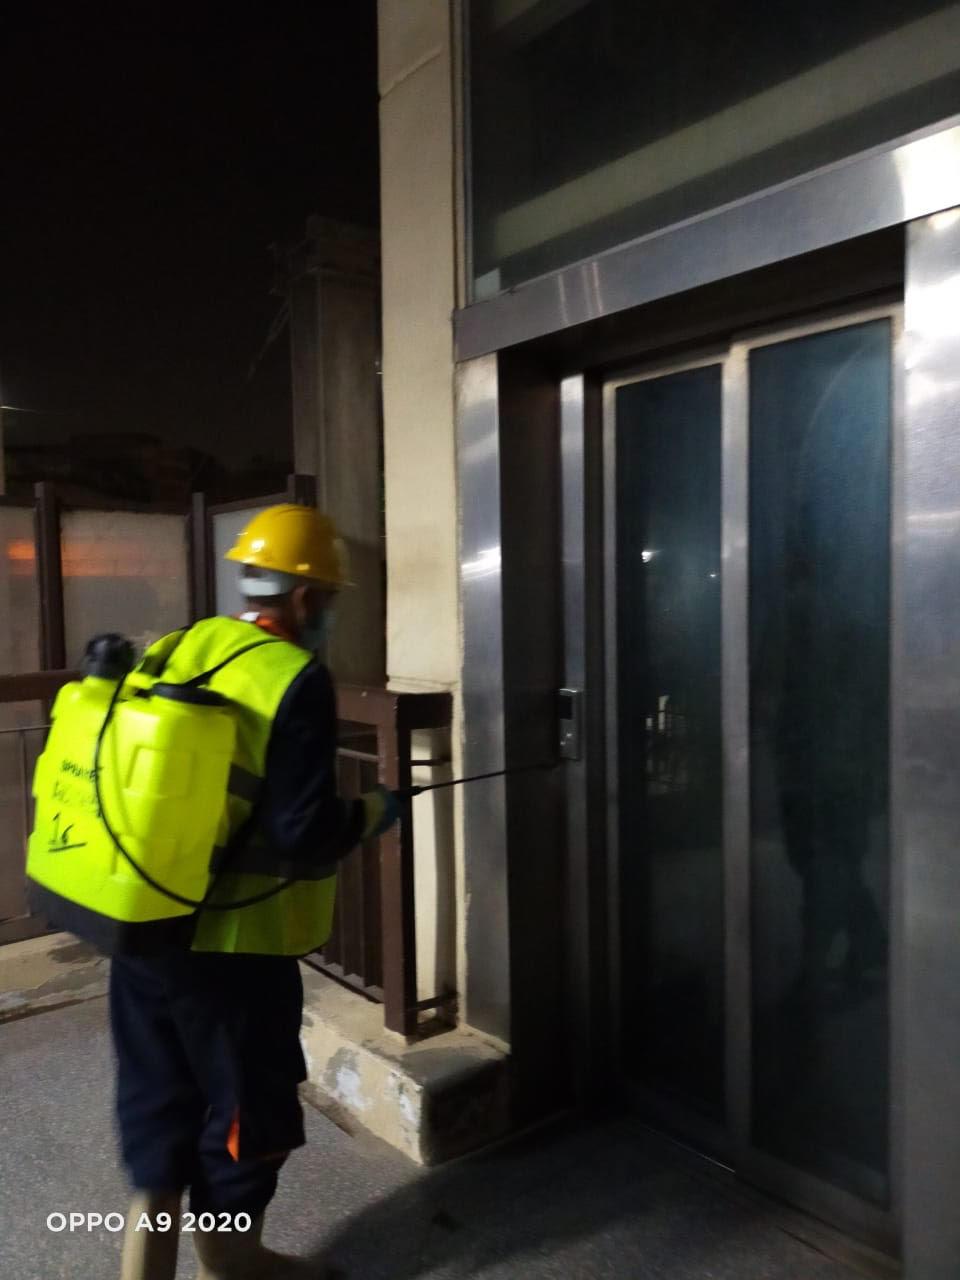 المترو يواصل أعمال تعقيم وتطهير القطارات والمحطات ضد كورونا (22)